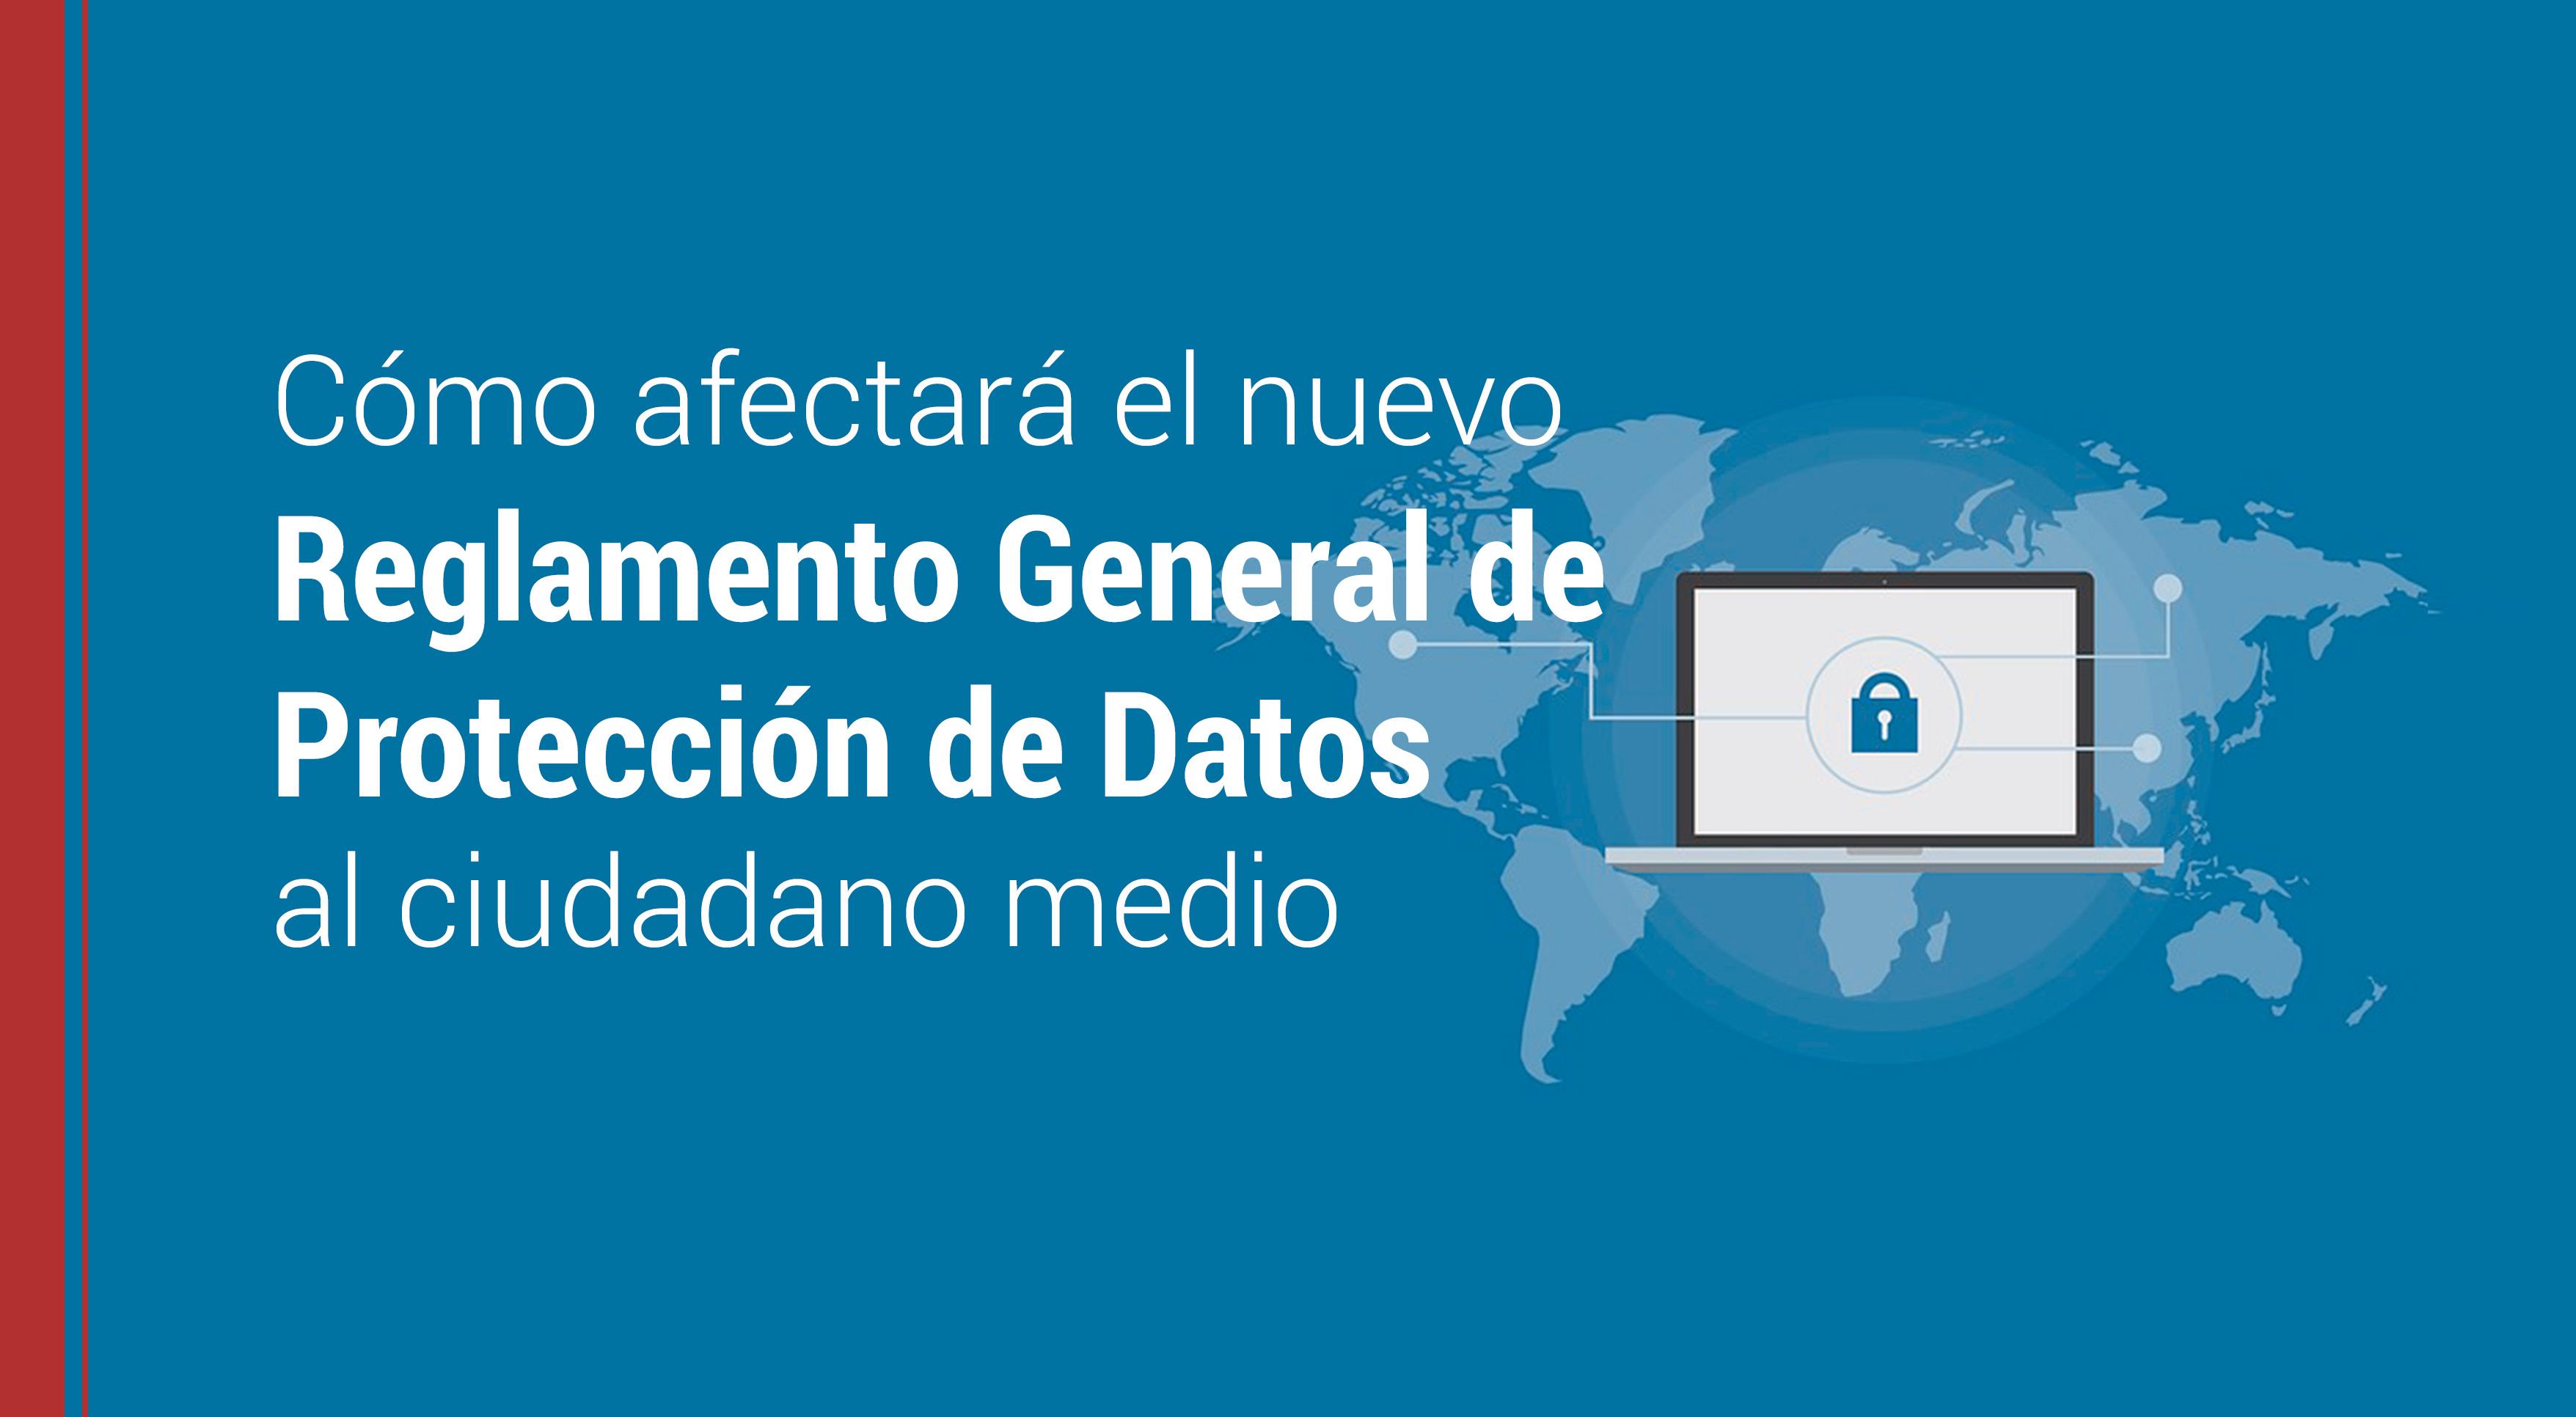 nuevo-reglamento-general-proteccion-de-datos-ciudadanos El nuevo Reglamento General de Protección de Datos al ciudadano